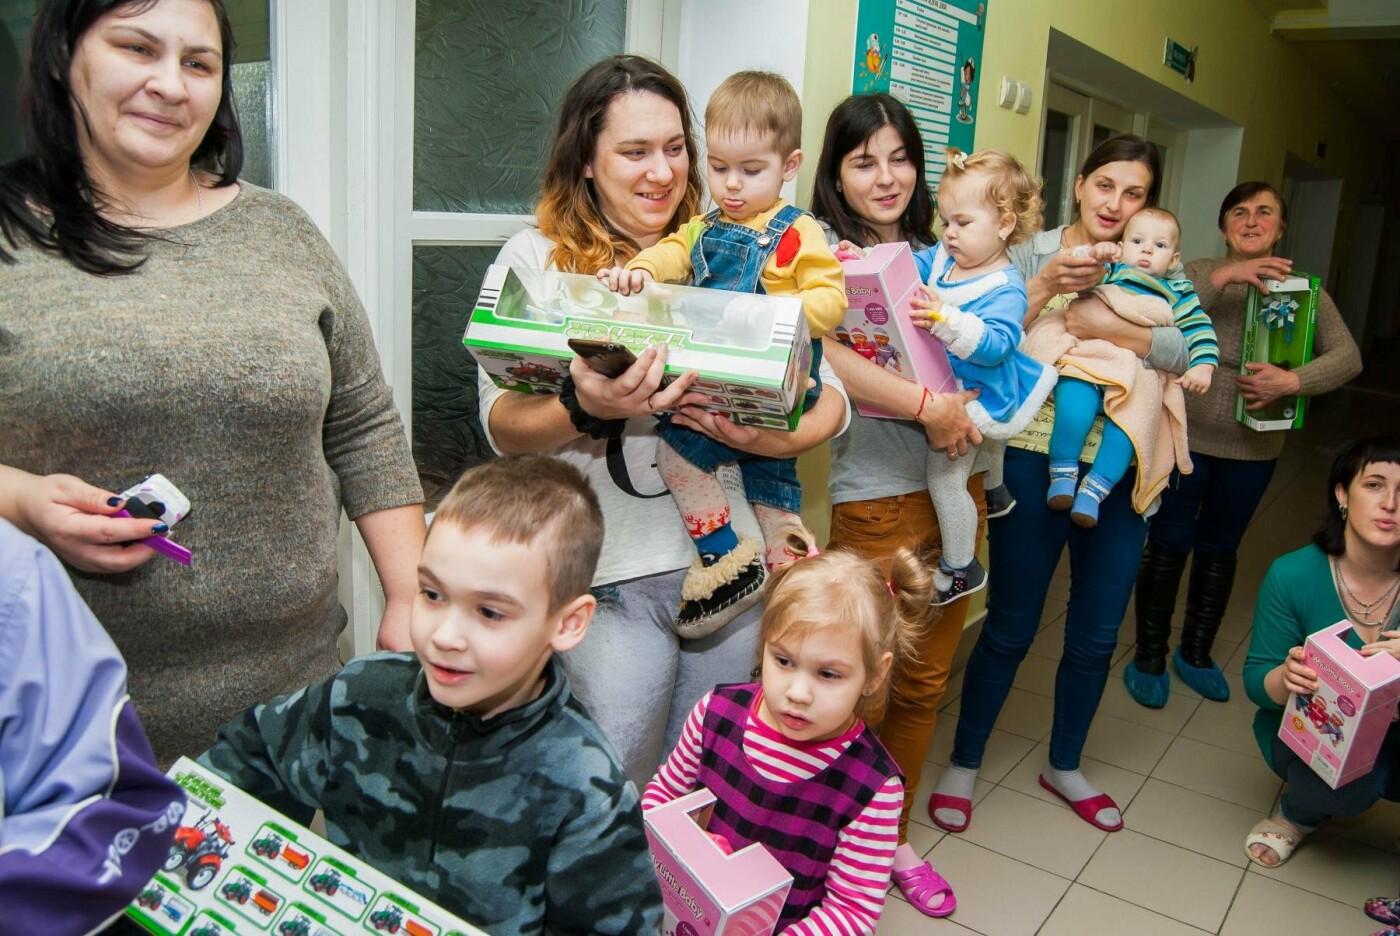 Клiєнти ПриватБанку 1 сiчня влаштували свято і привiтали маленьких пацiєнтiв лікарень. ФОТО, фото-4